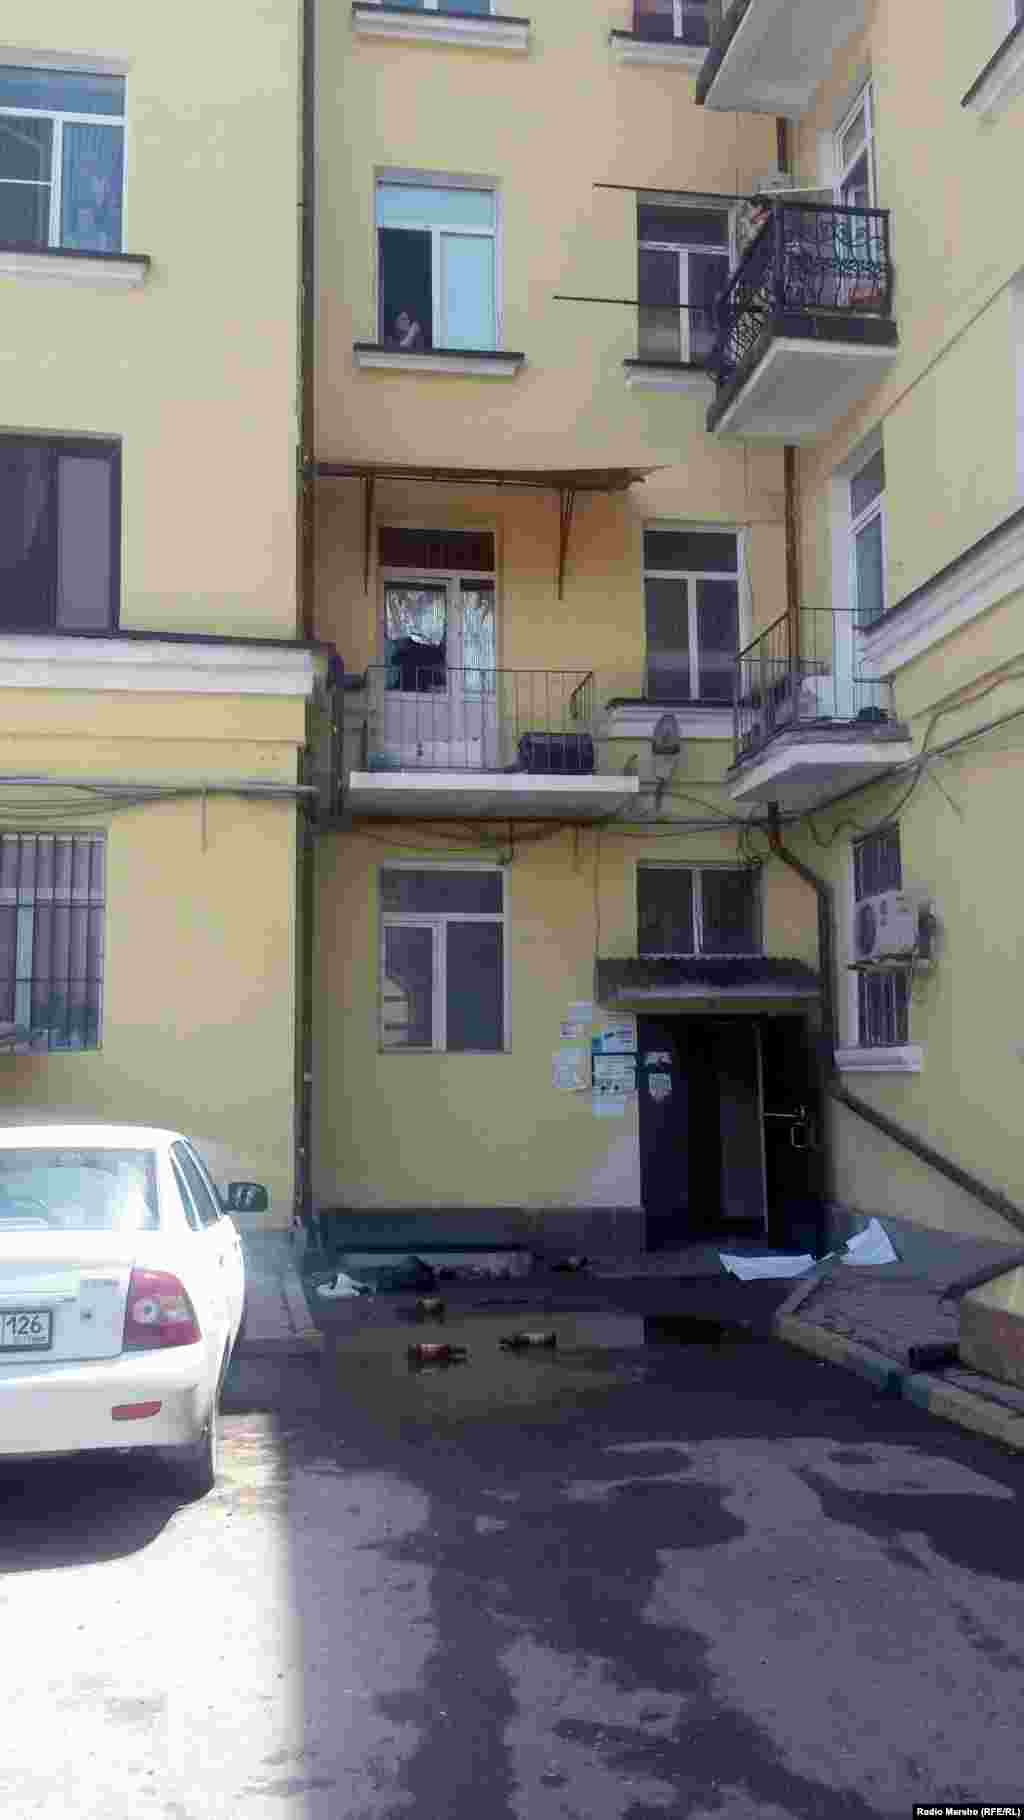 Люди в масках сначала взломали дверь в подъезд, один из них взобрался на балкон второго этажа, разбил балконные стекла и бросил в кухню краску